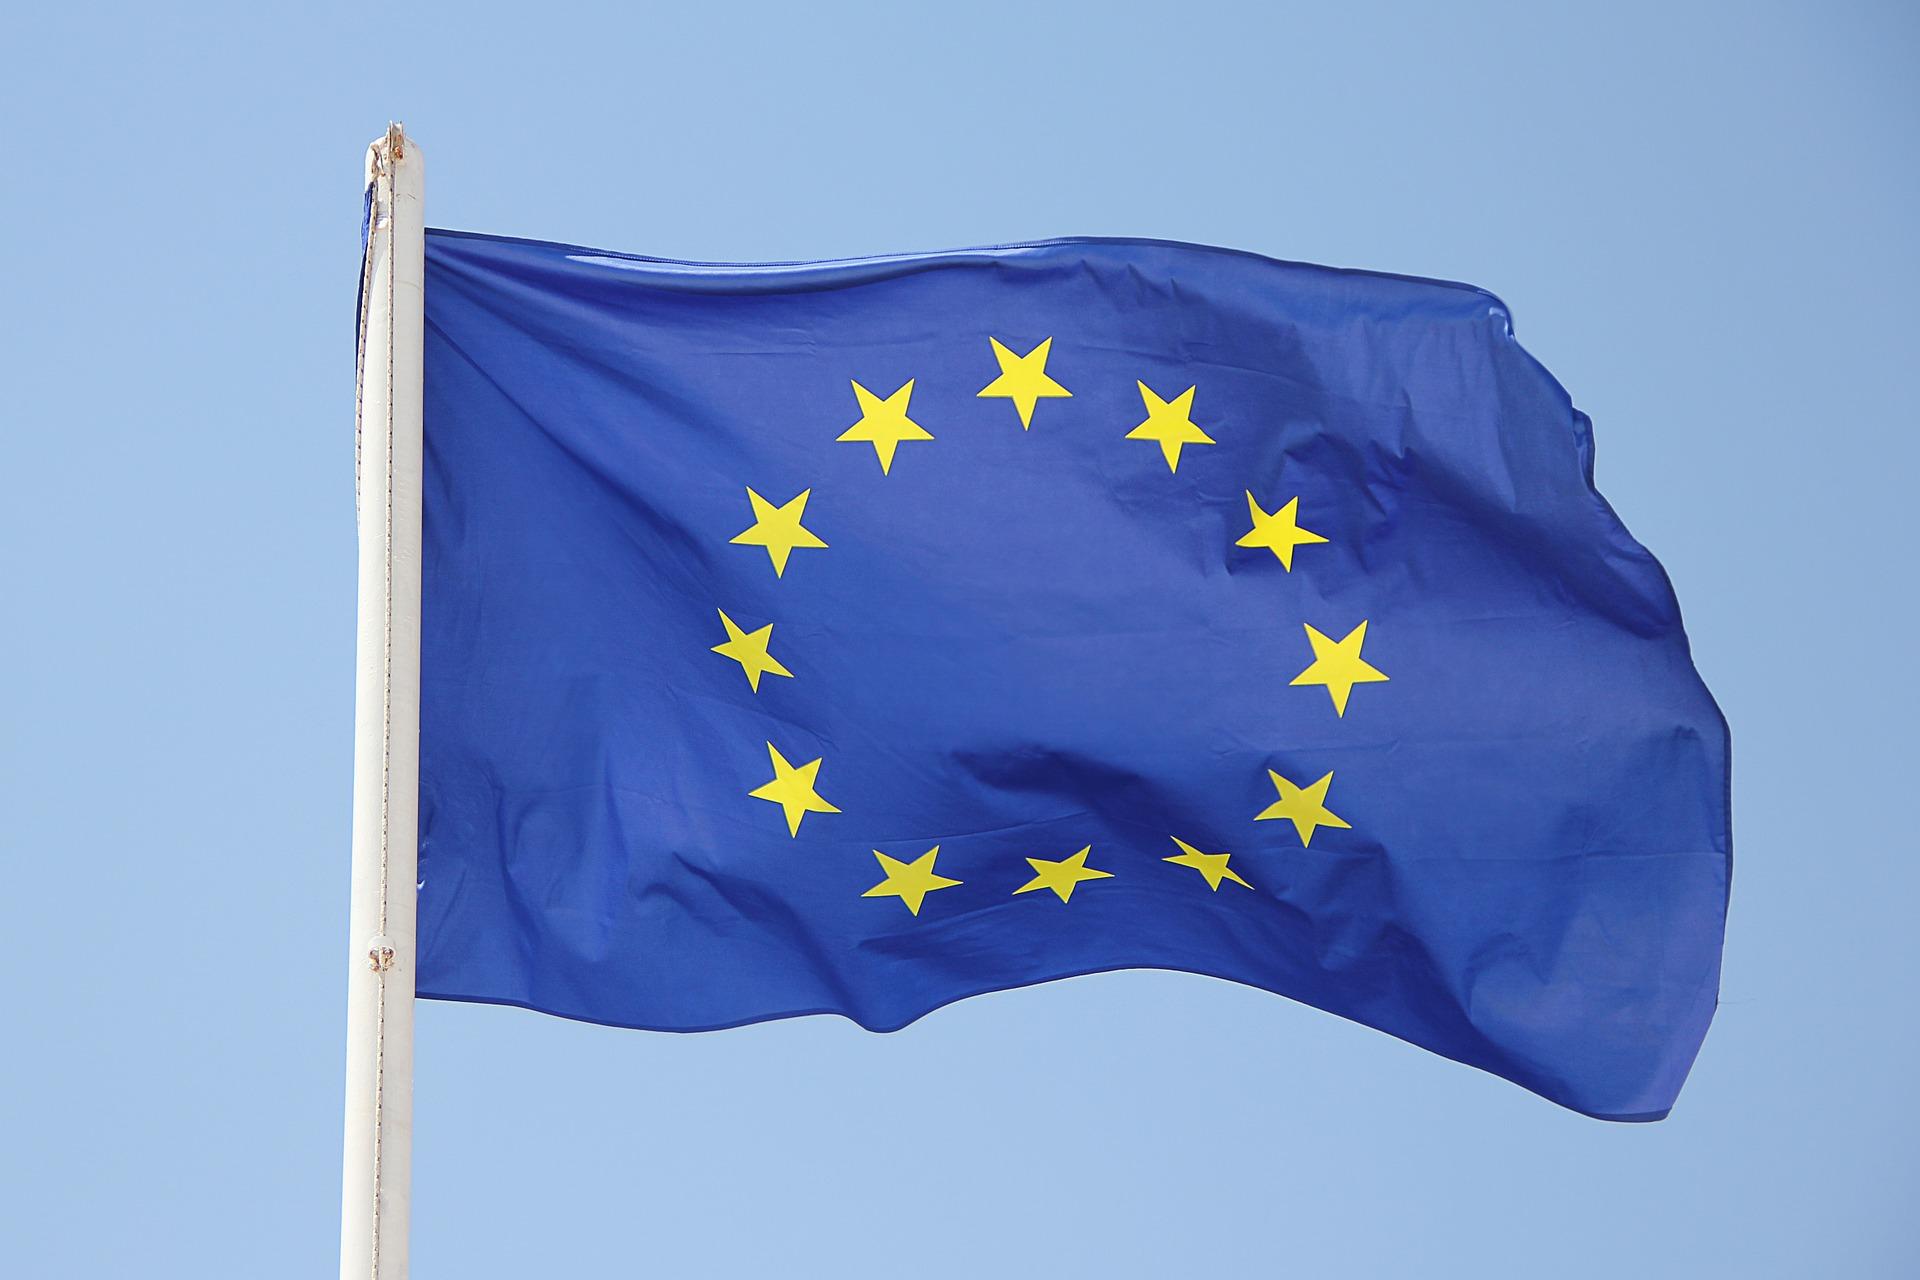 Wejście do UE otworzyło europejskie rynki przed polskimi firmami. (fot. Greg Montani, Pixabay)